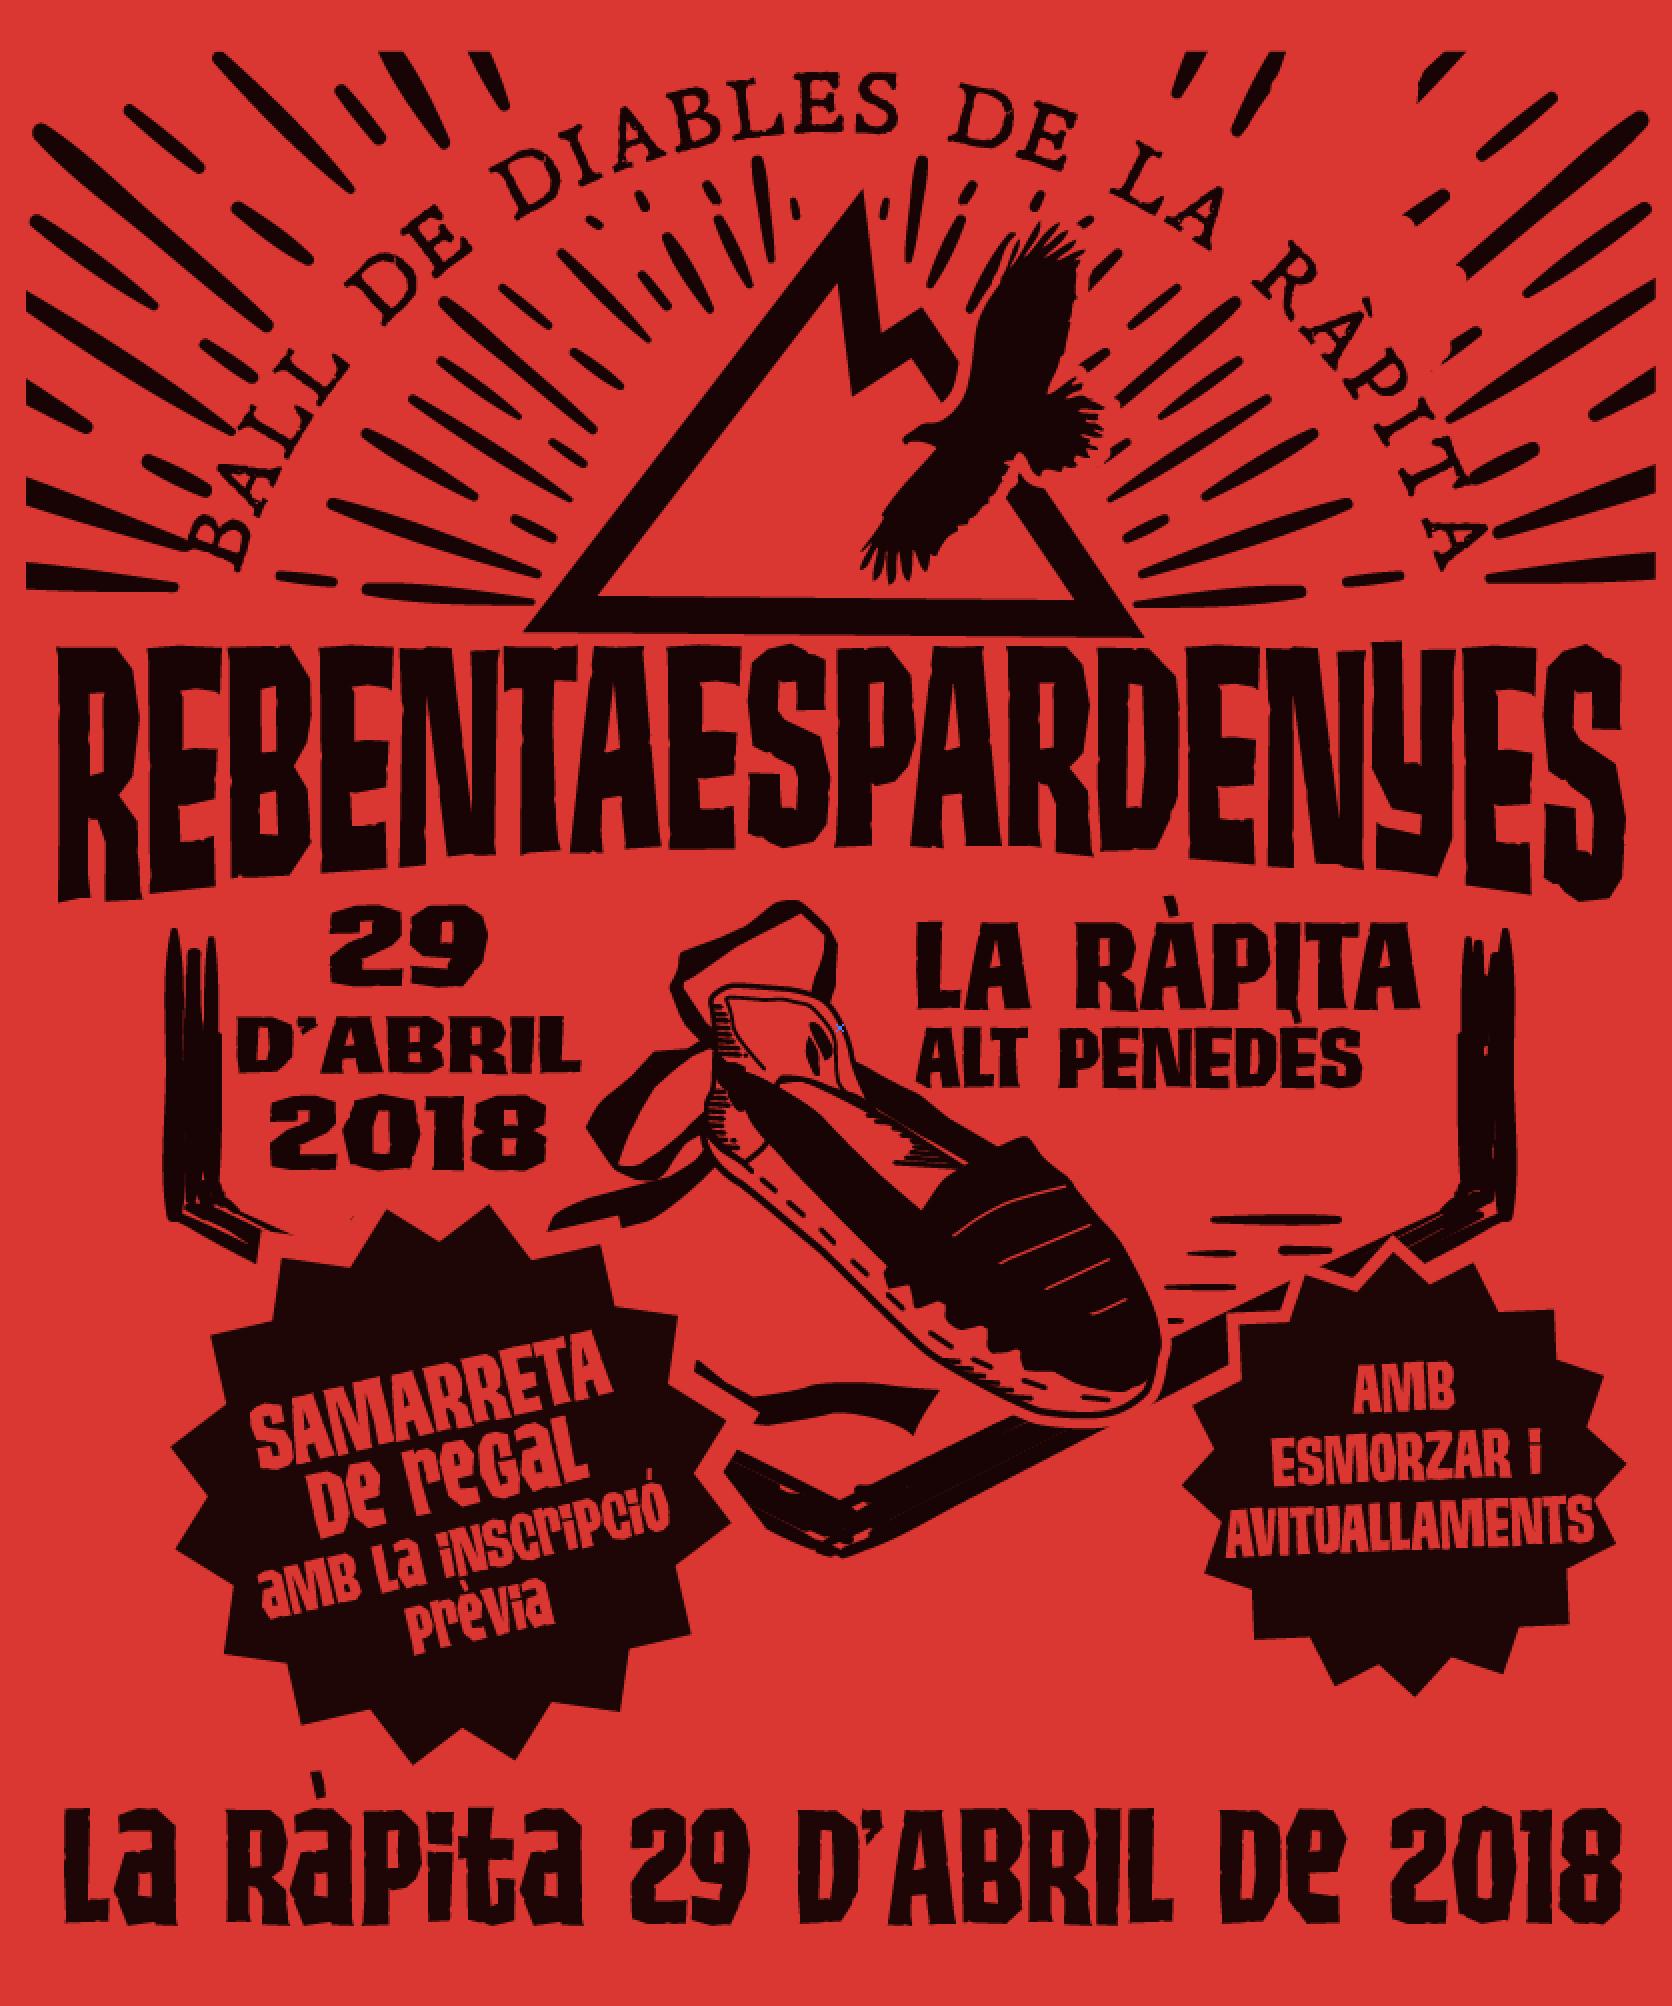 Rebentaespardenyes_2018